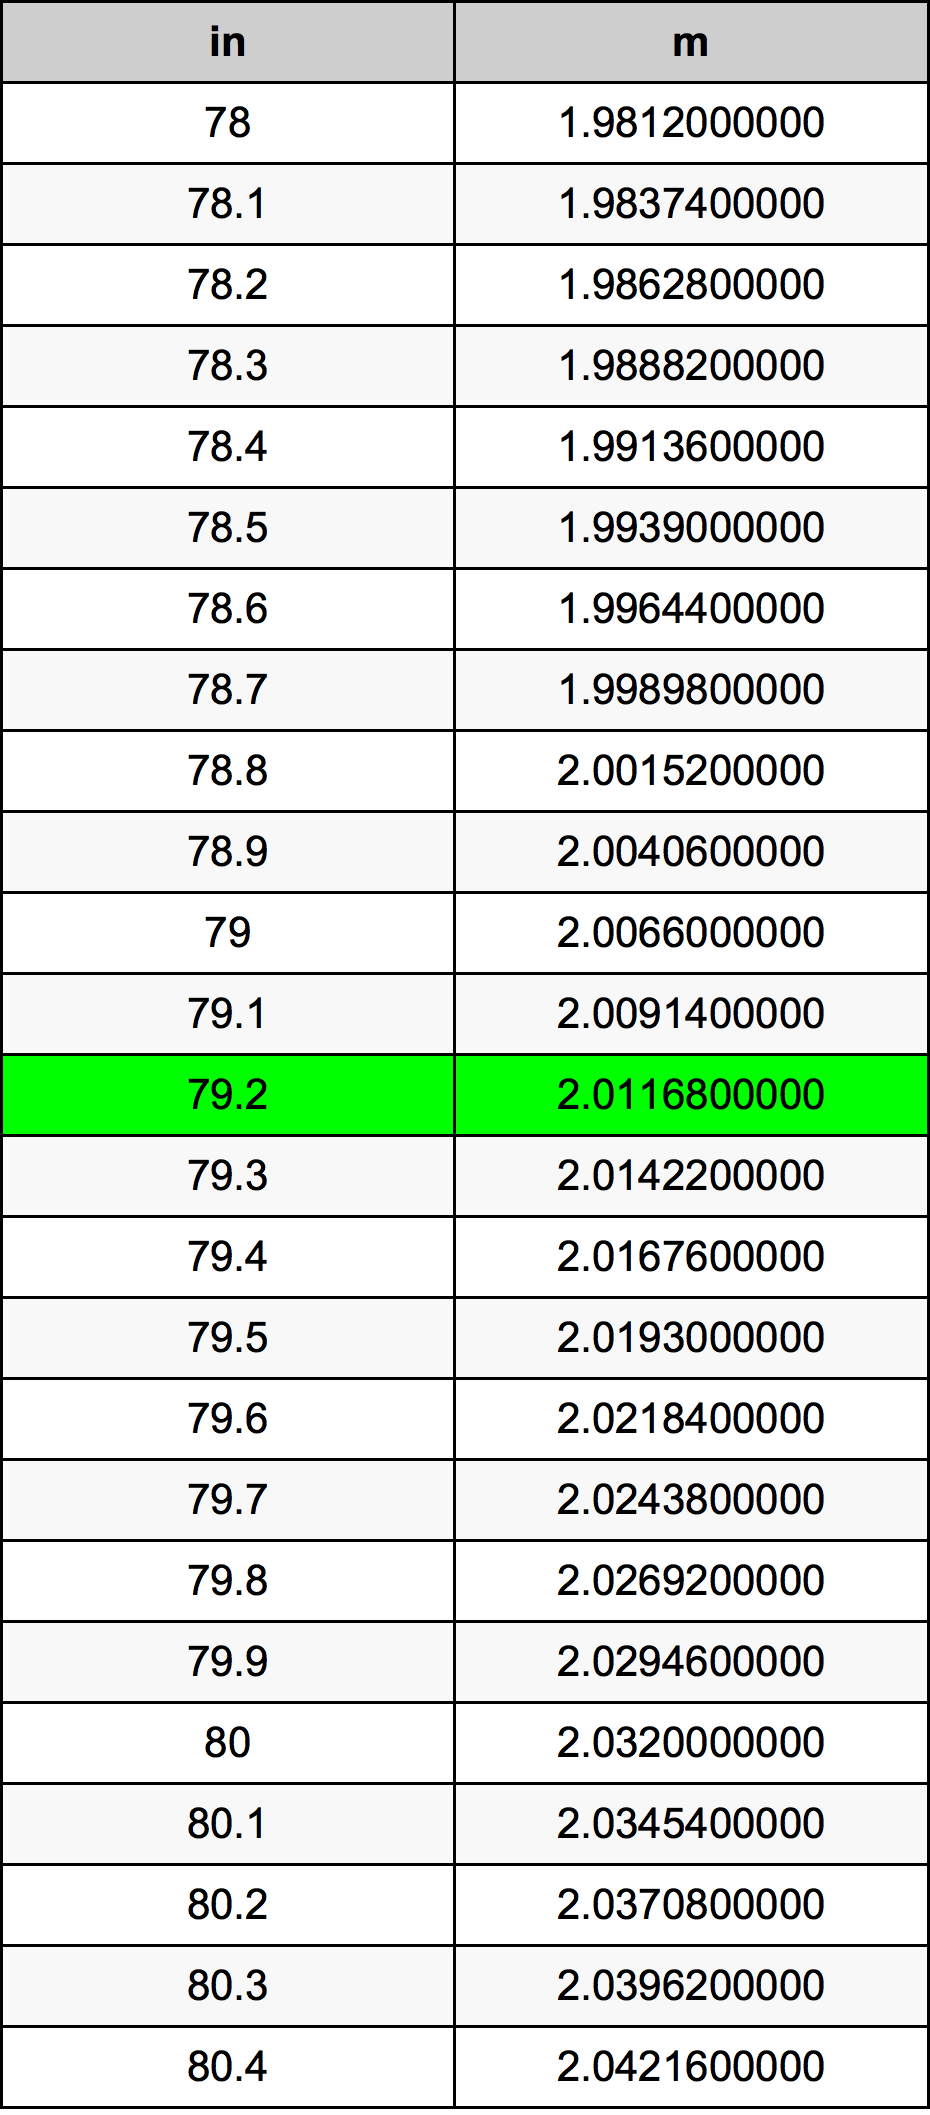 79.2インチ換算表